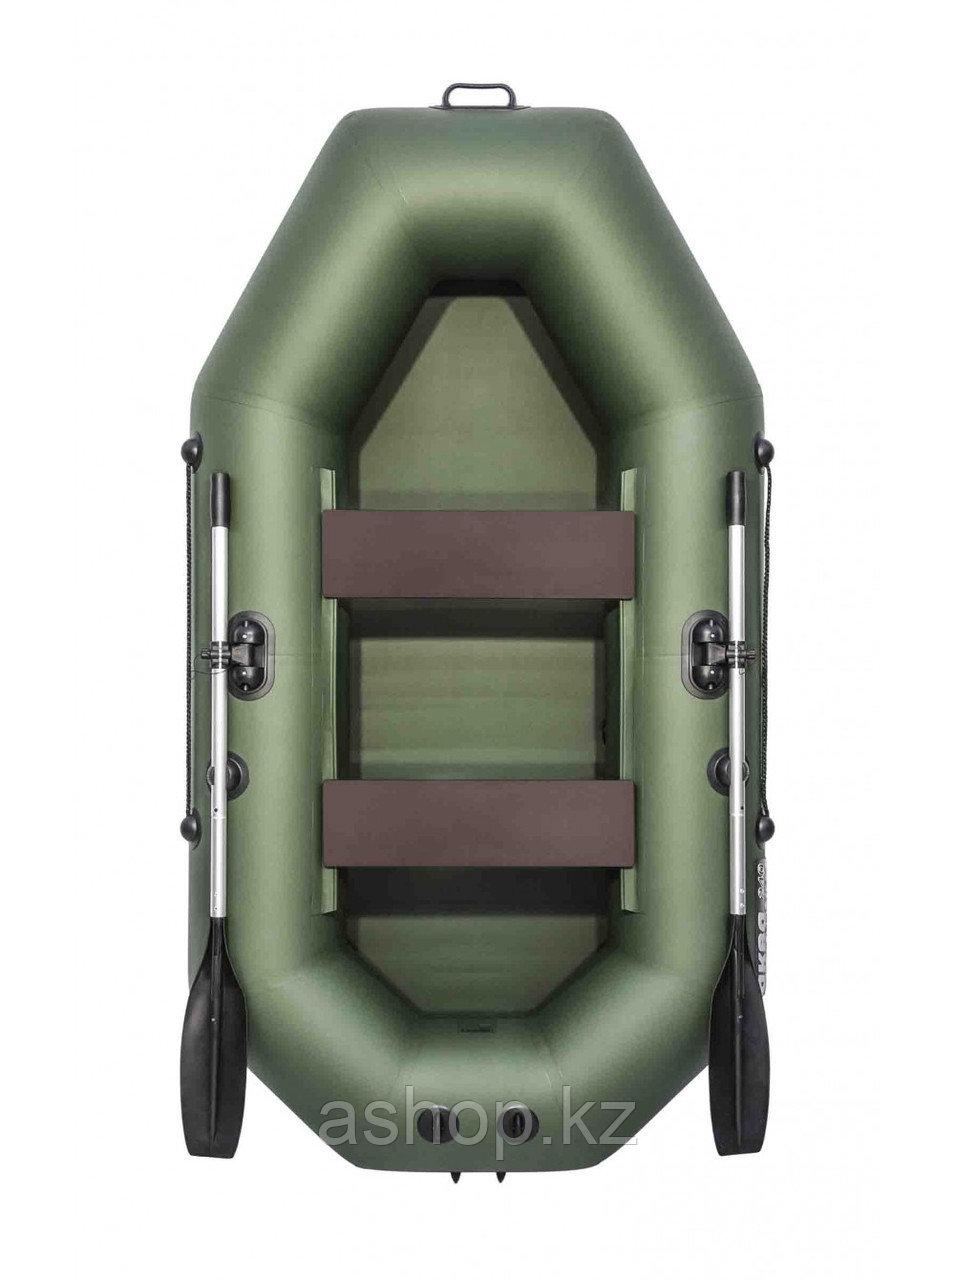 Лодка надувная моторно-гребная плоскодонная Аква Мастер 240, Грузоподъемность: 220кг, Вместимость: 2 чел., Кол